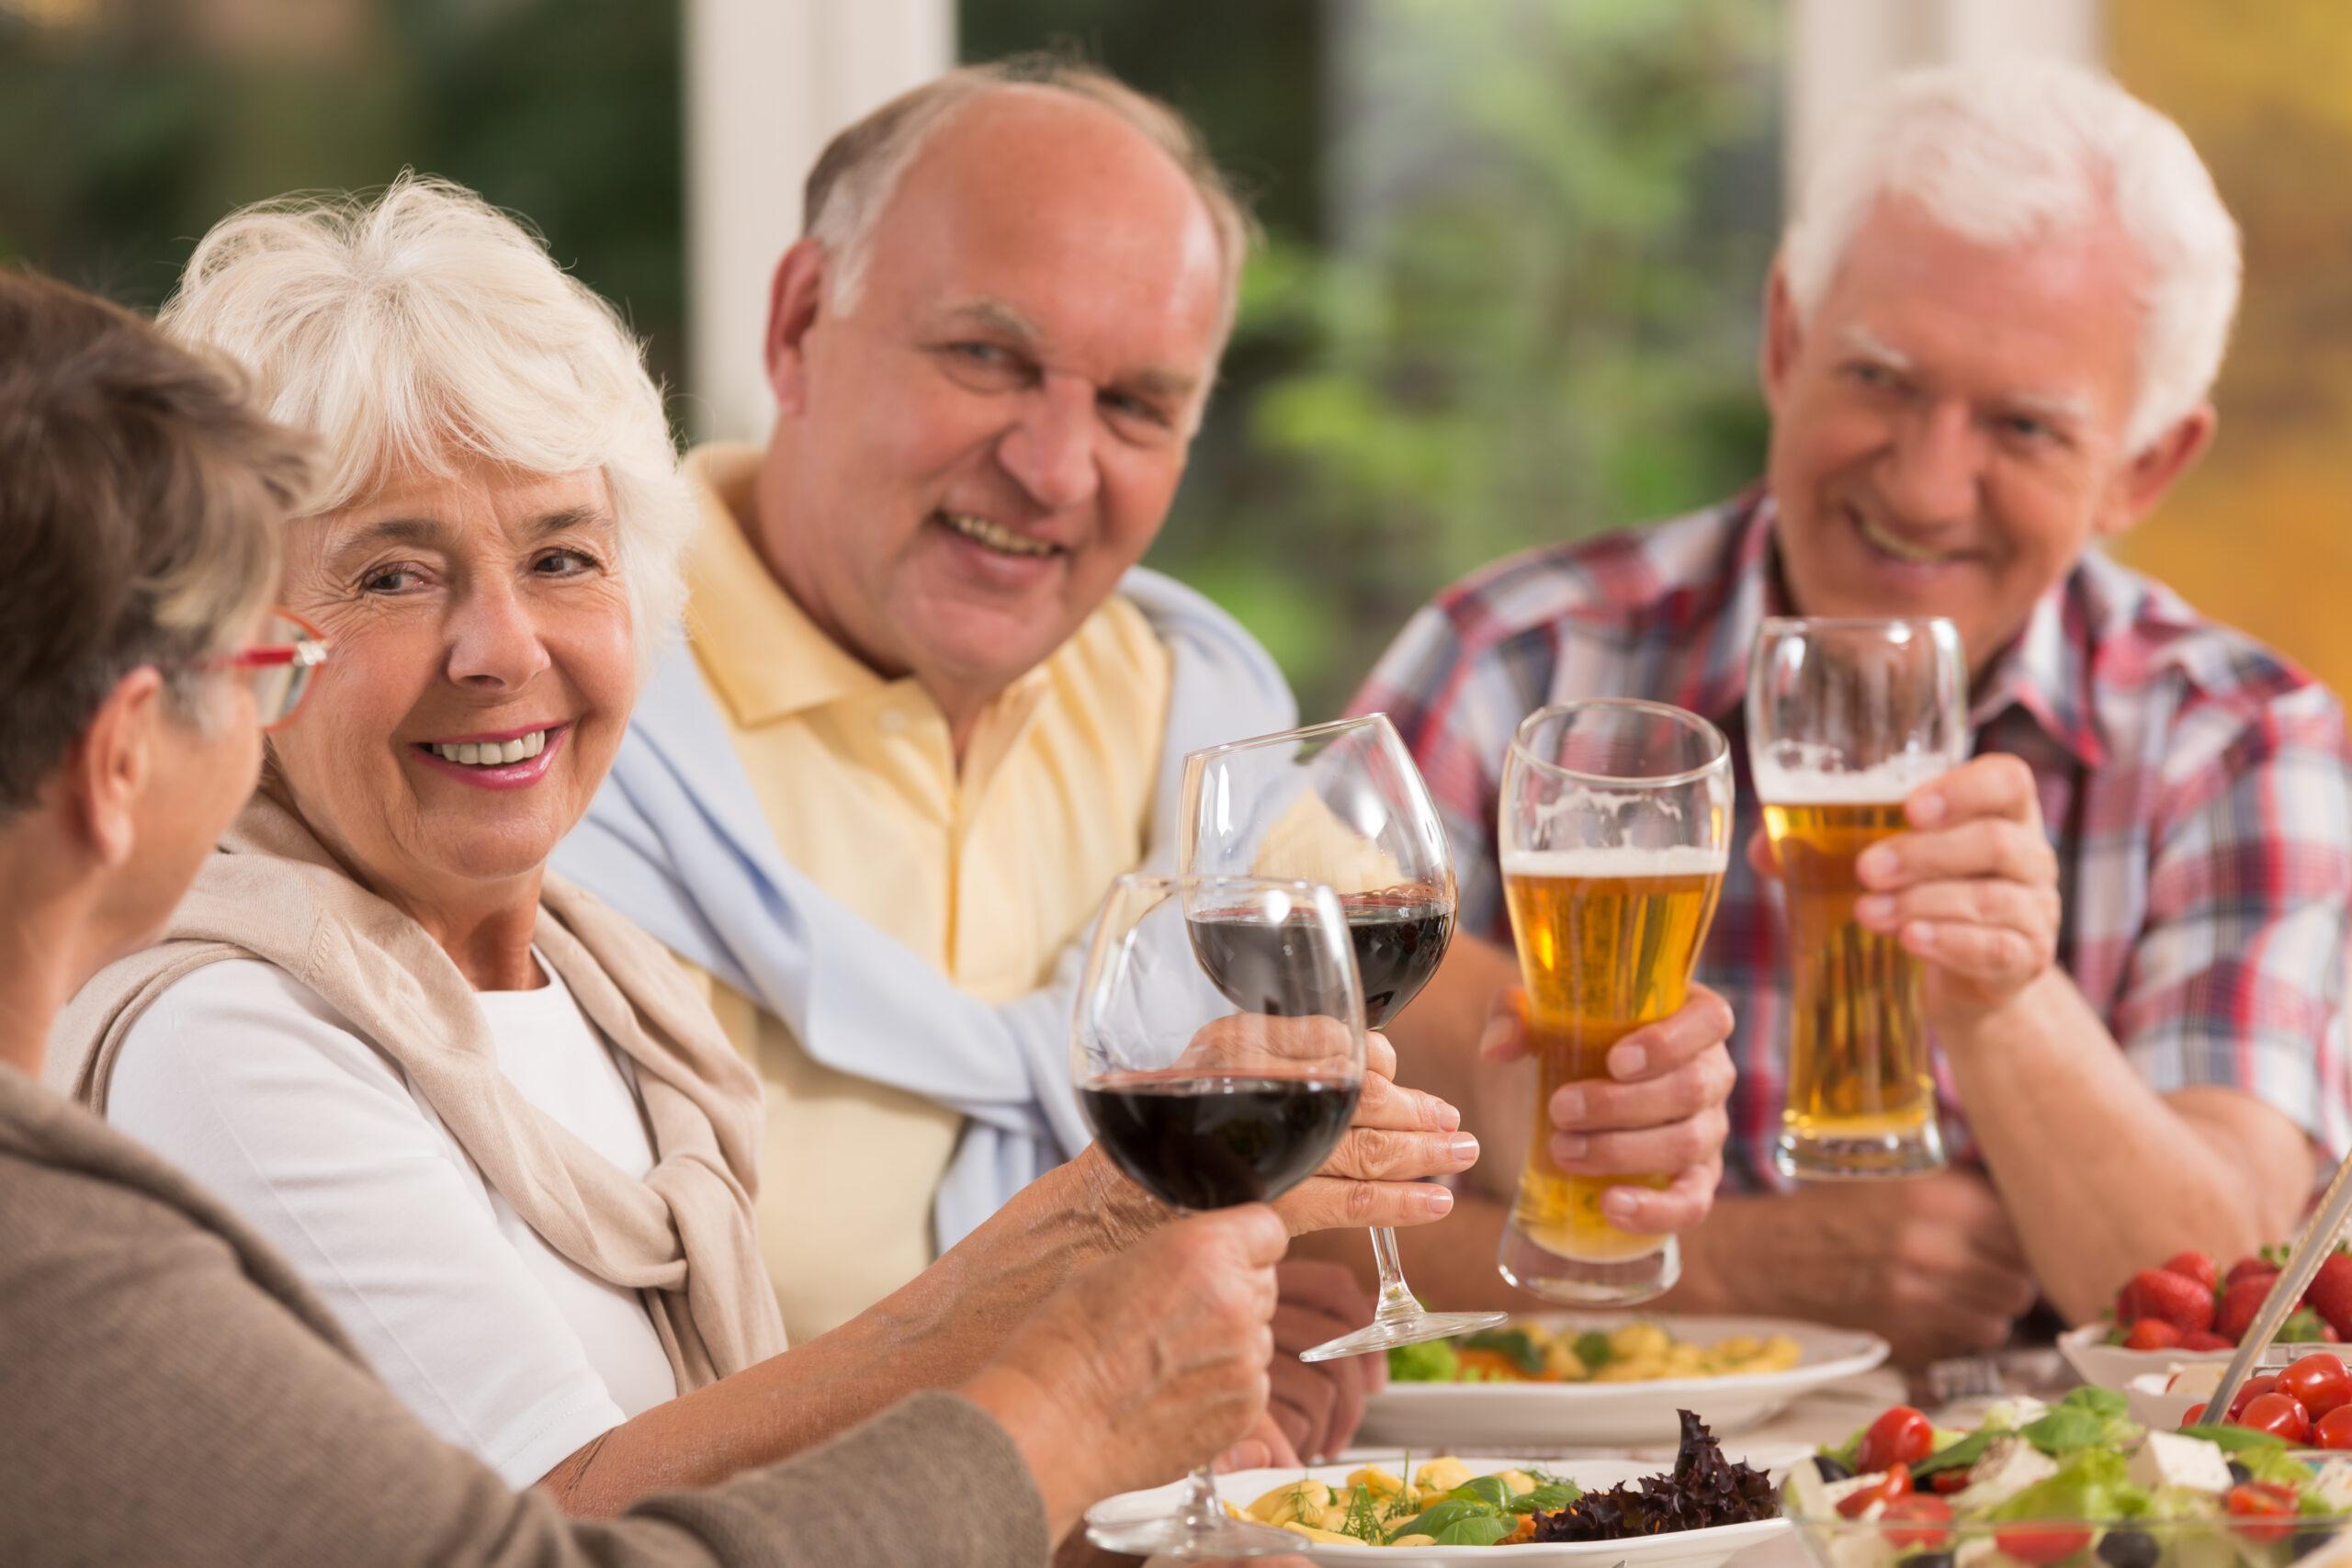 Seniors at dinner